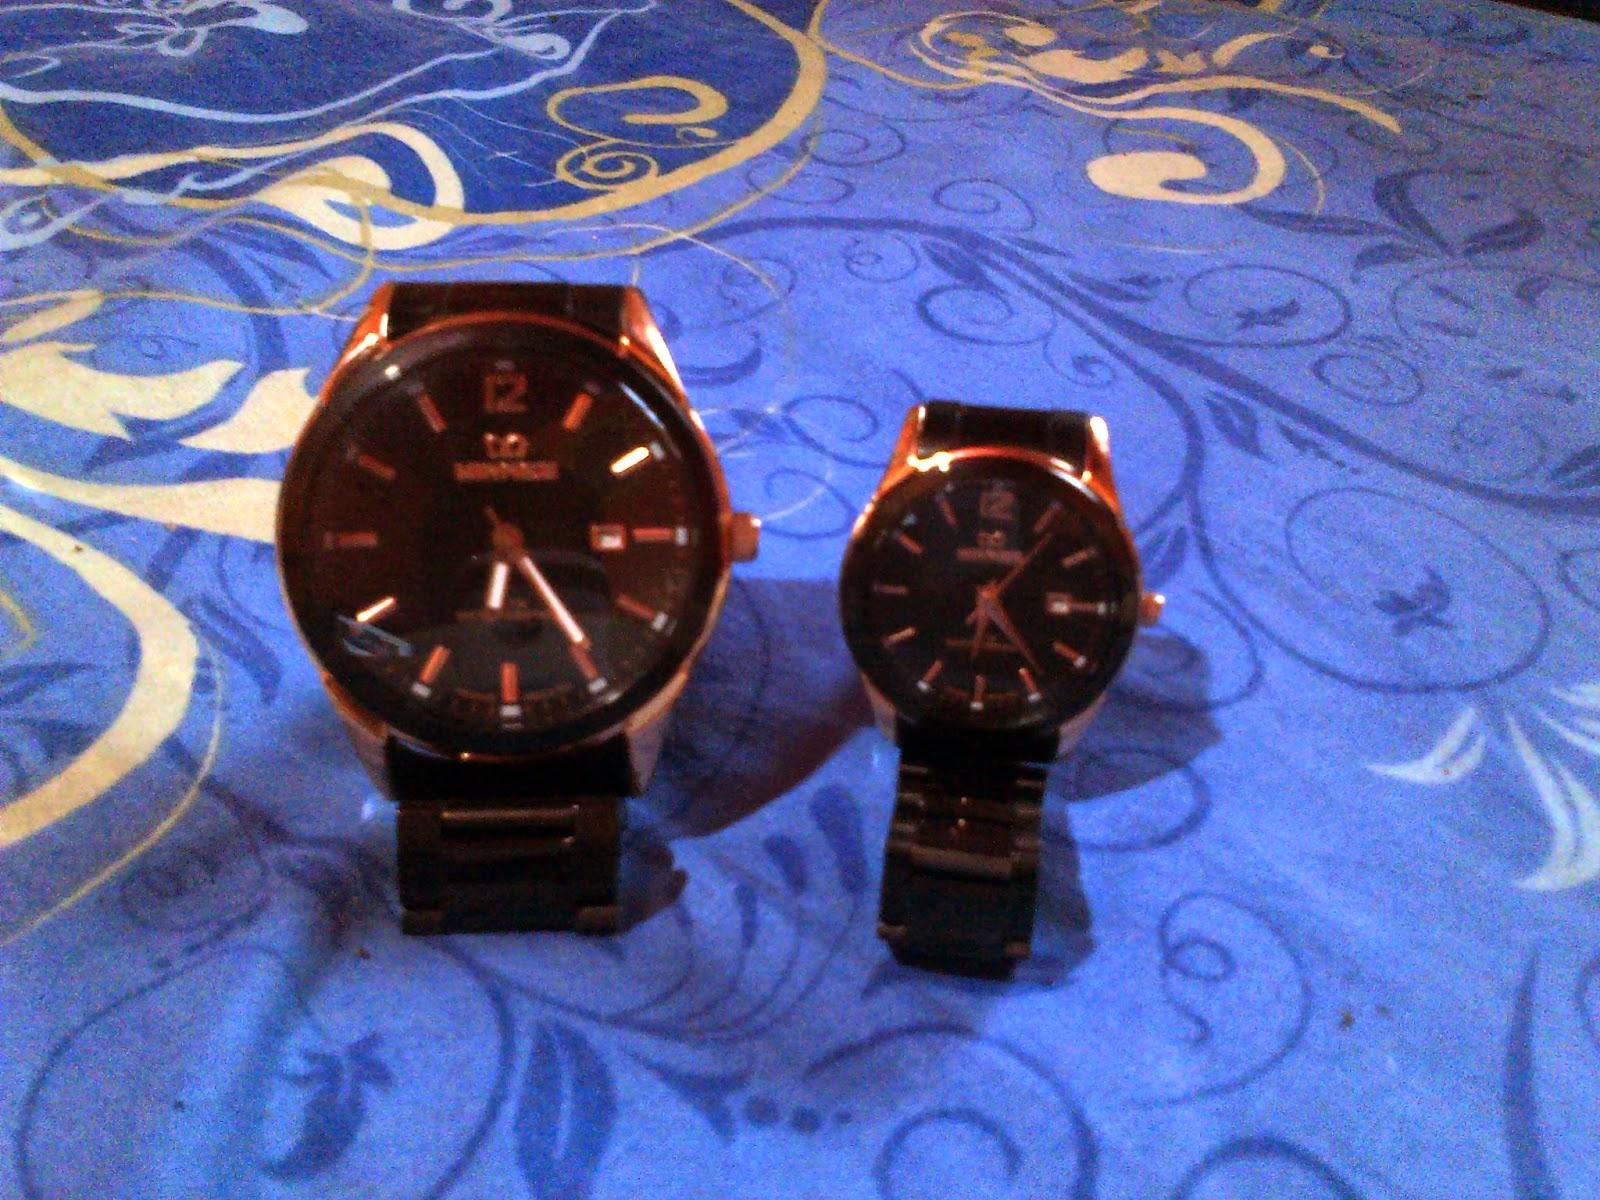 Hadiah jam Tangan Untuk Ulang Tahun Istriku